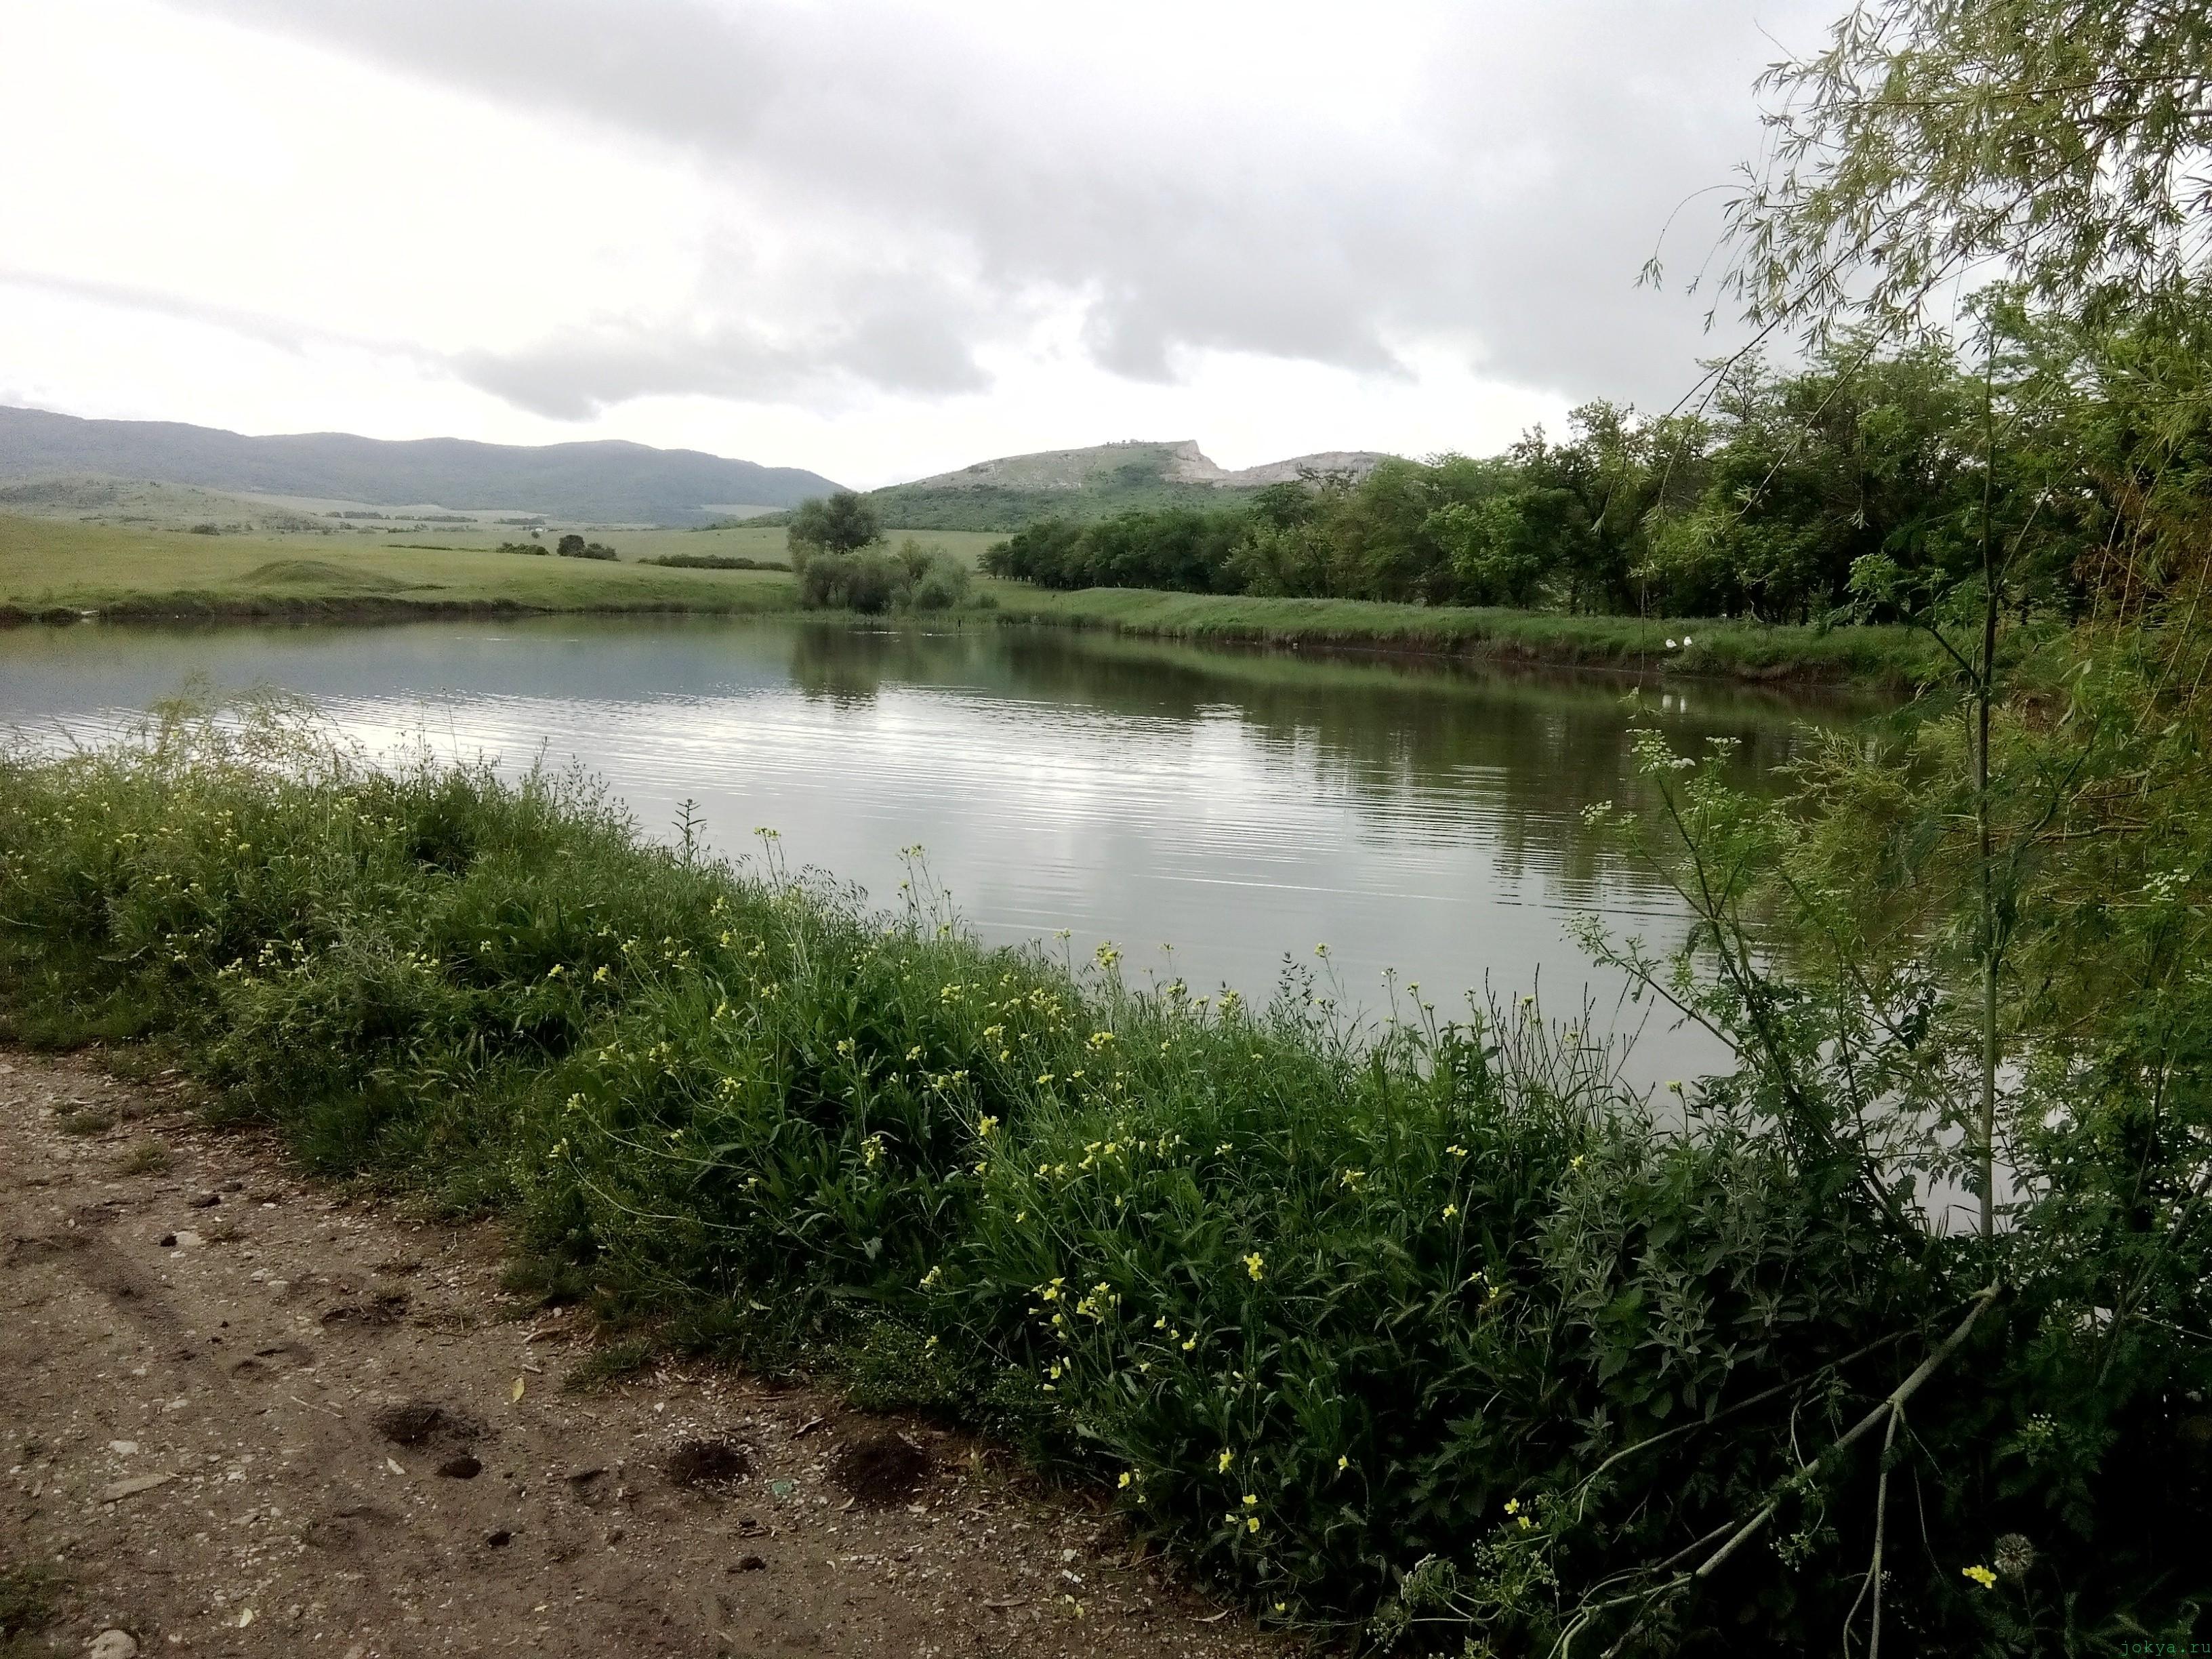 Бесплатный пруд Бурчек: село Кирпичное фото заметка о Крыме jokya.ru